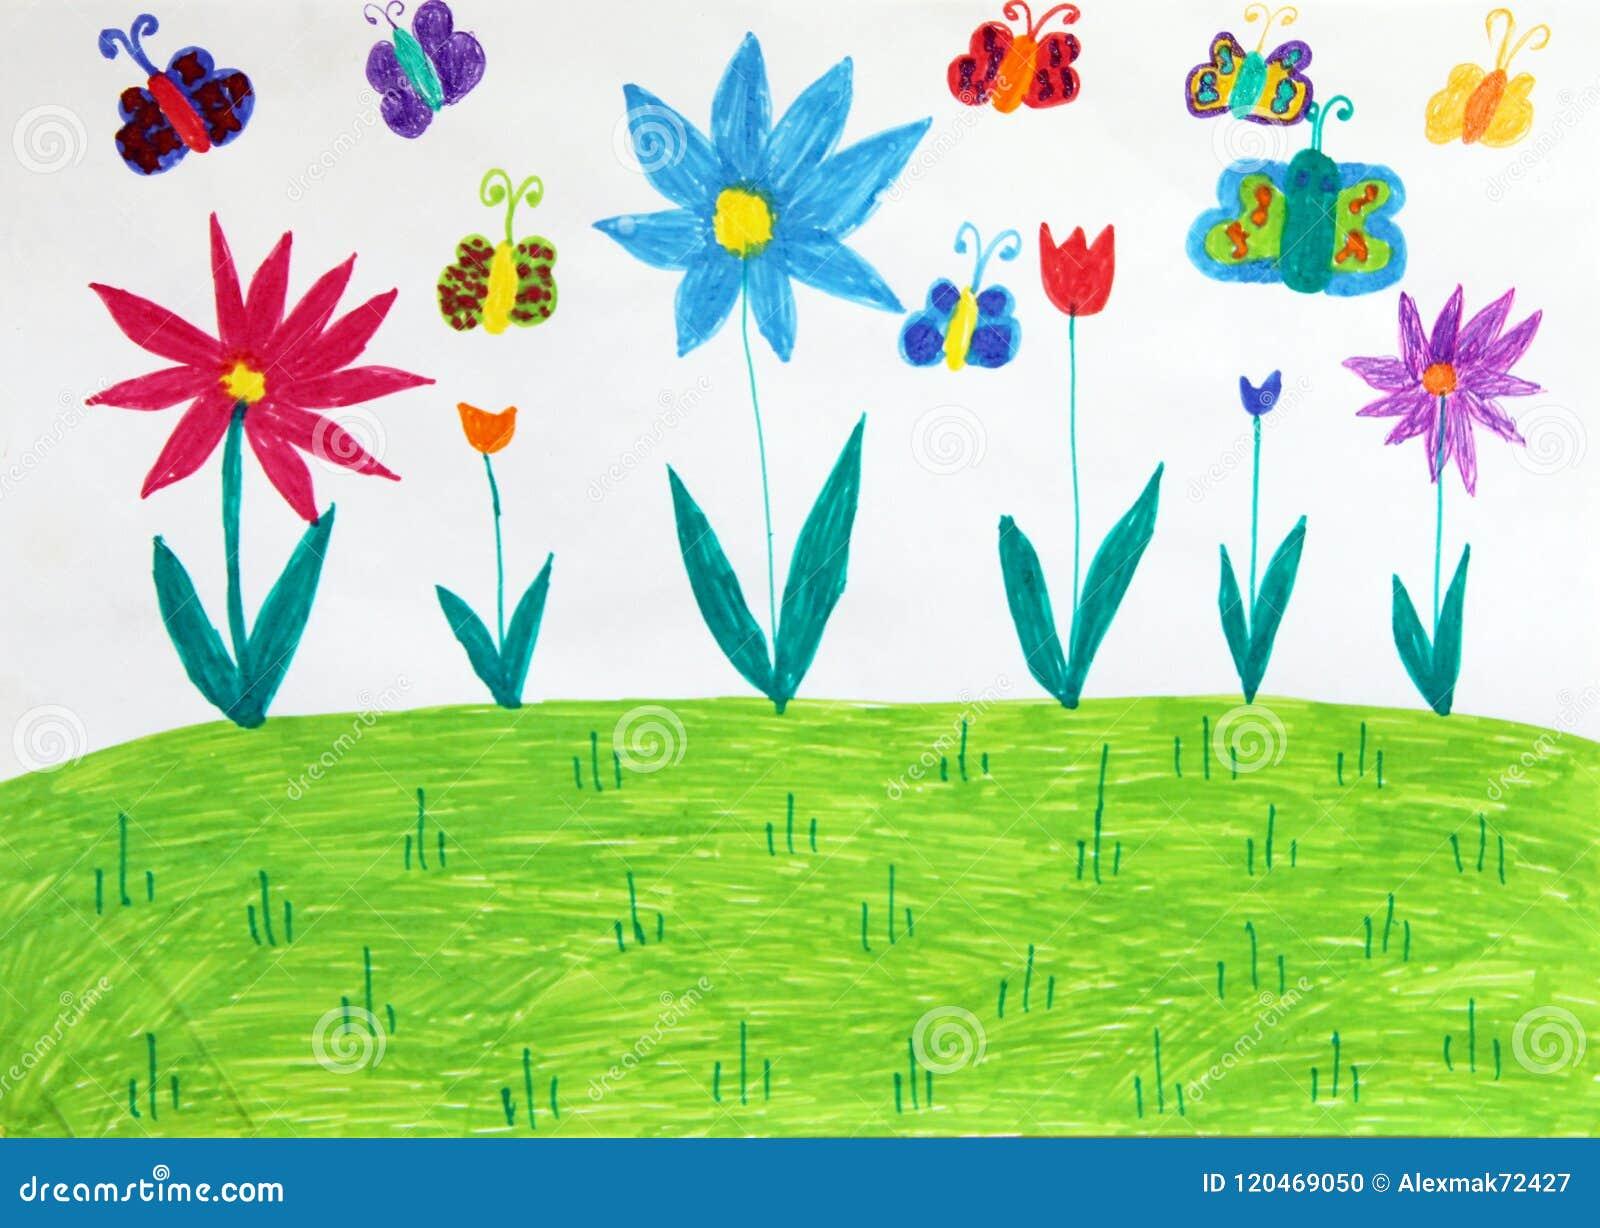 Dibujo Del S De Los Ninos Con Los Arboles Y Las Flores De Las